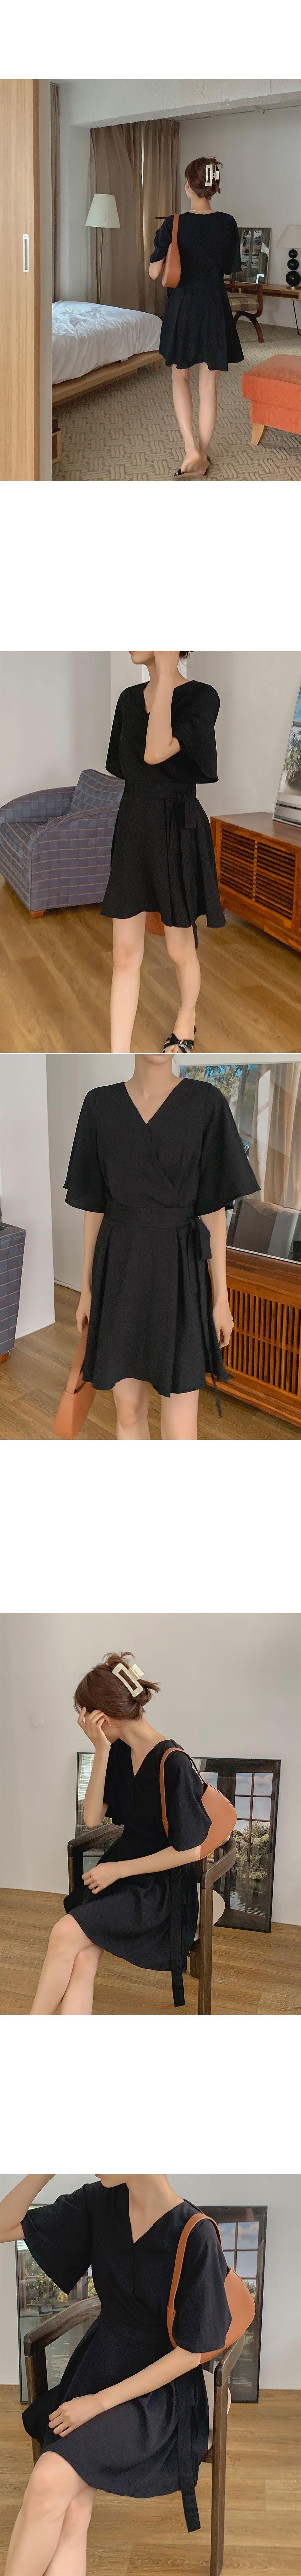 Panini Chiffon Jumpsuit Dress